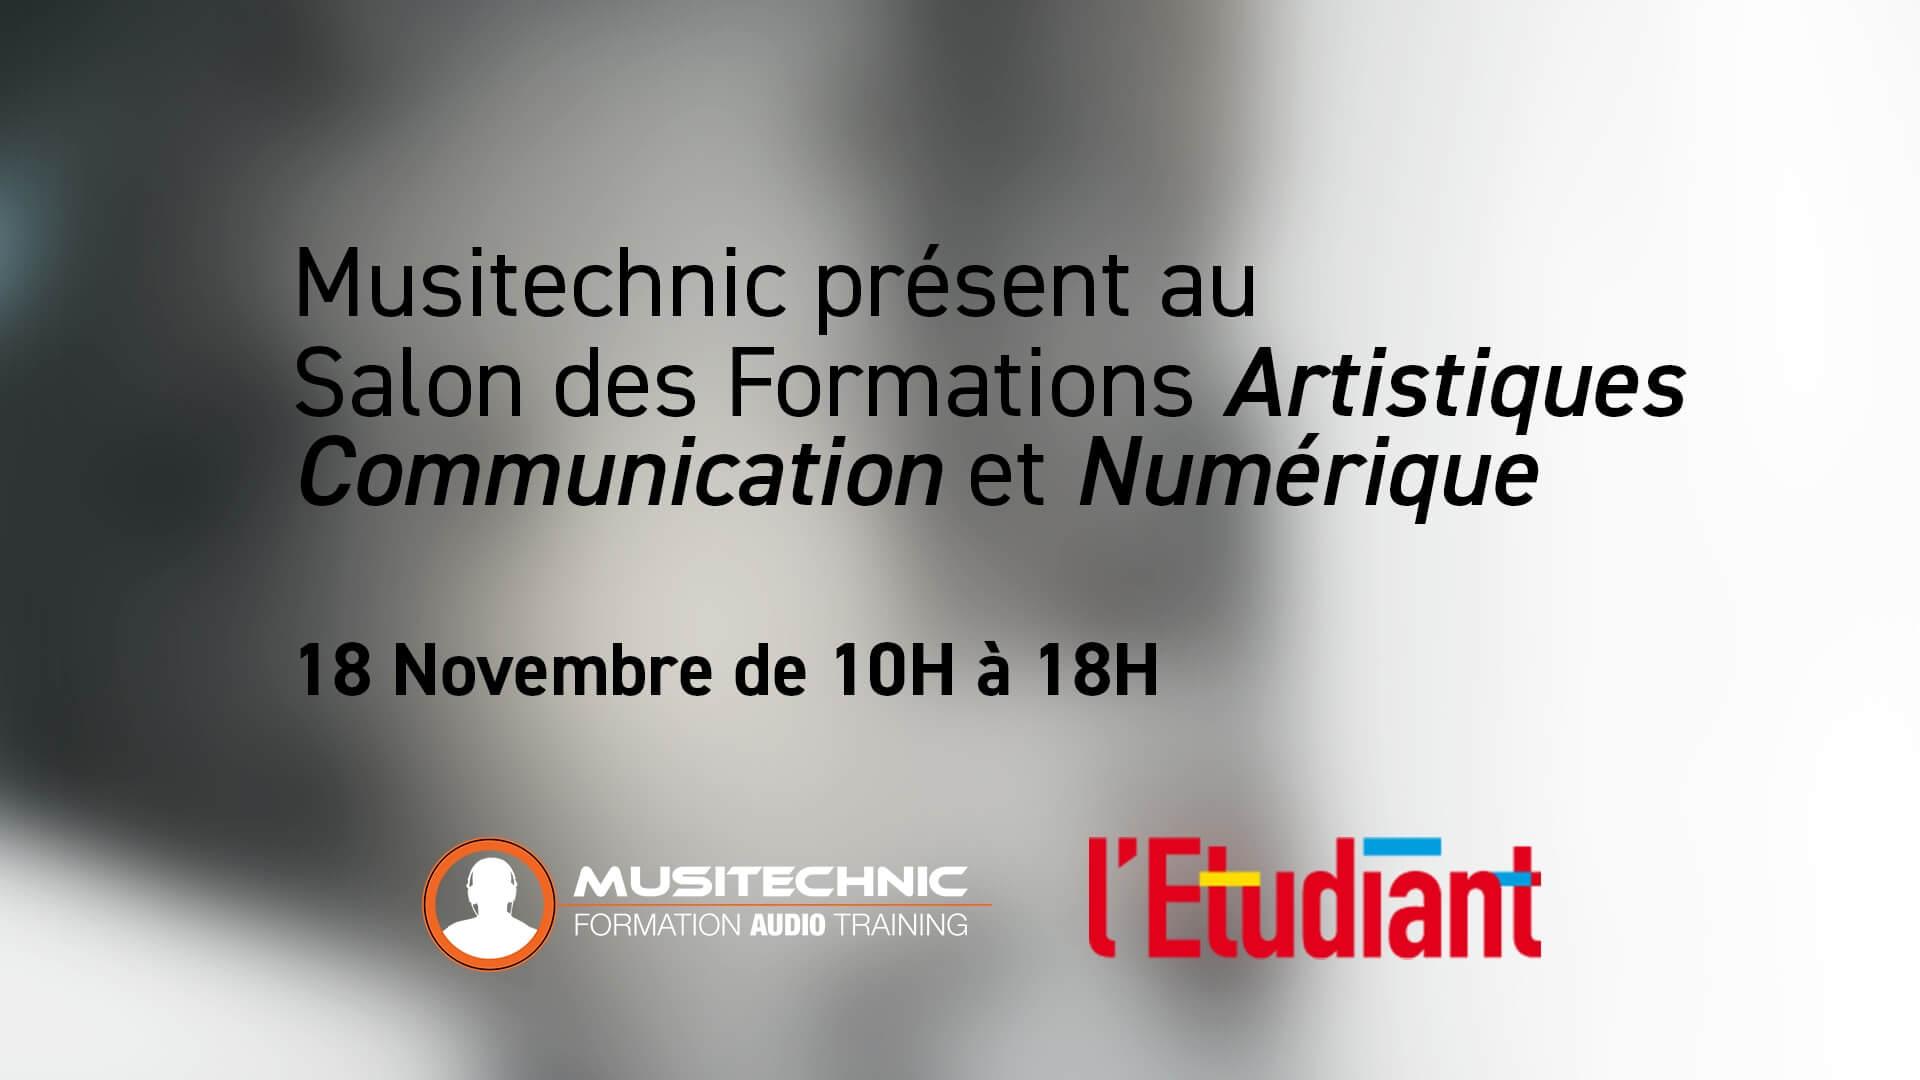 Musitechnic présent au Salon des Formations Artistiques, Communication et Numérique